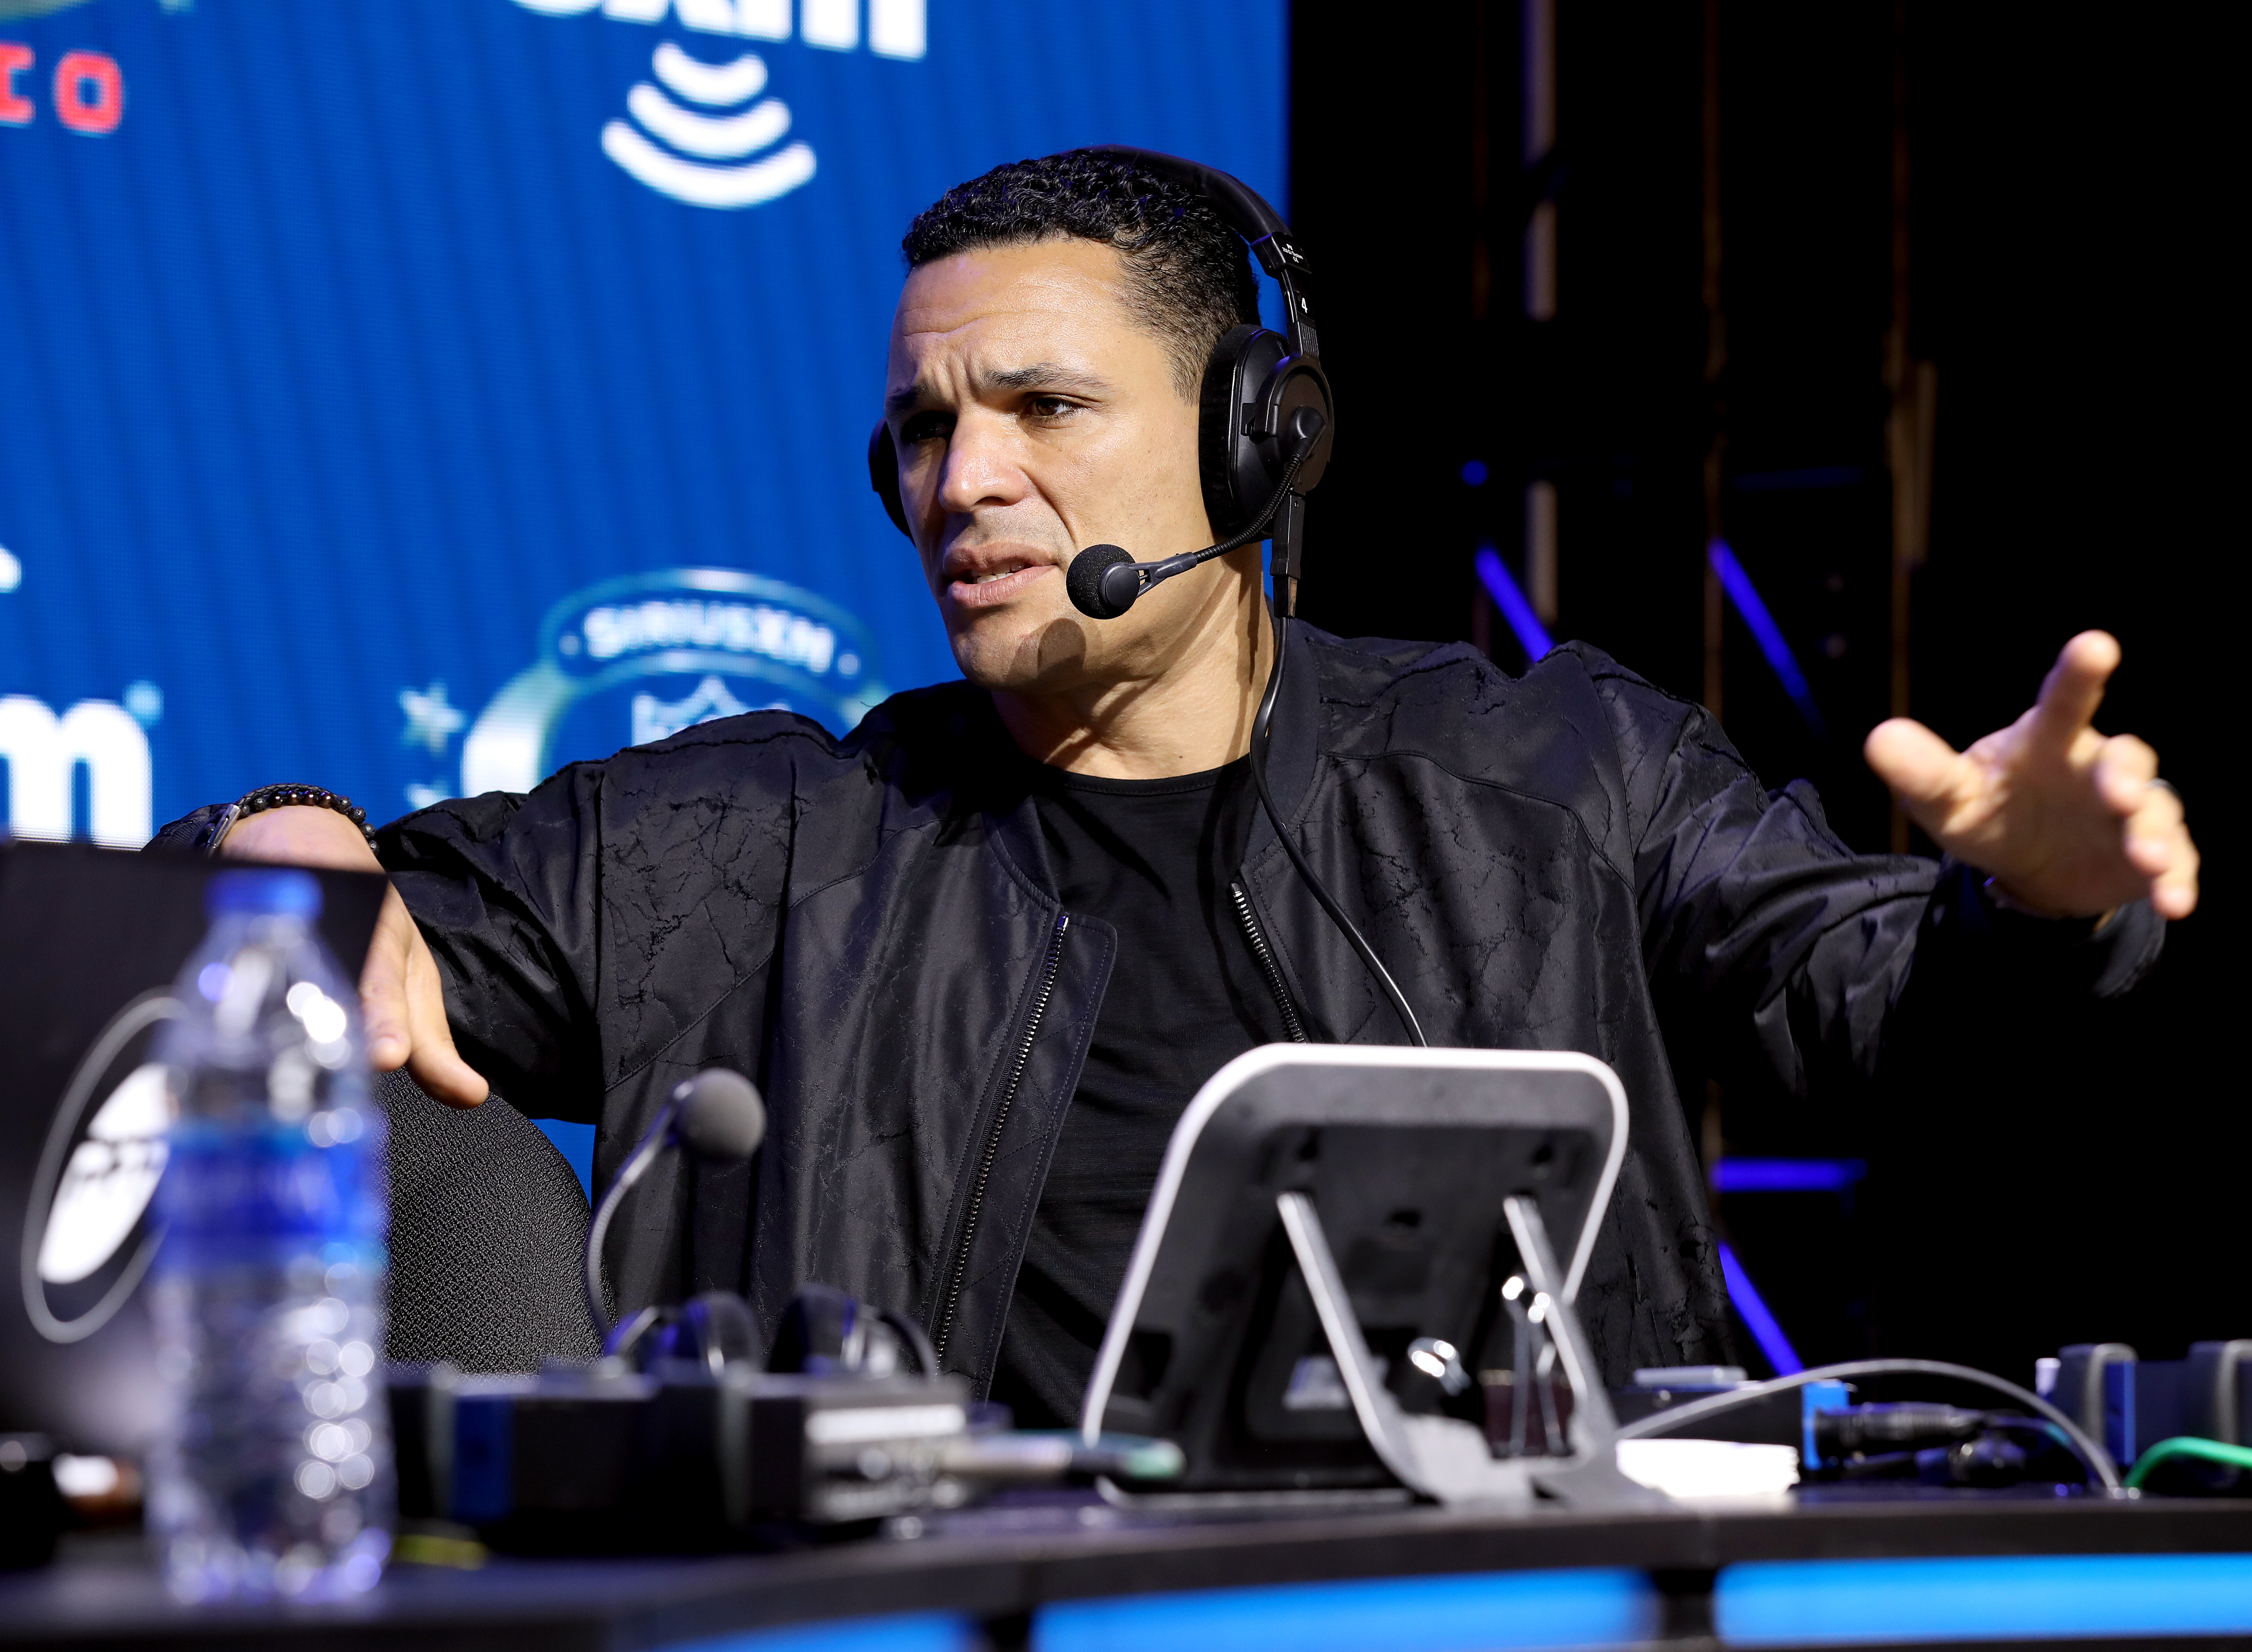 Former NFL player Tony Gonzalez speaks onstage